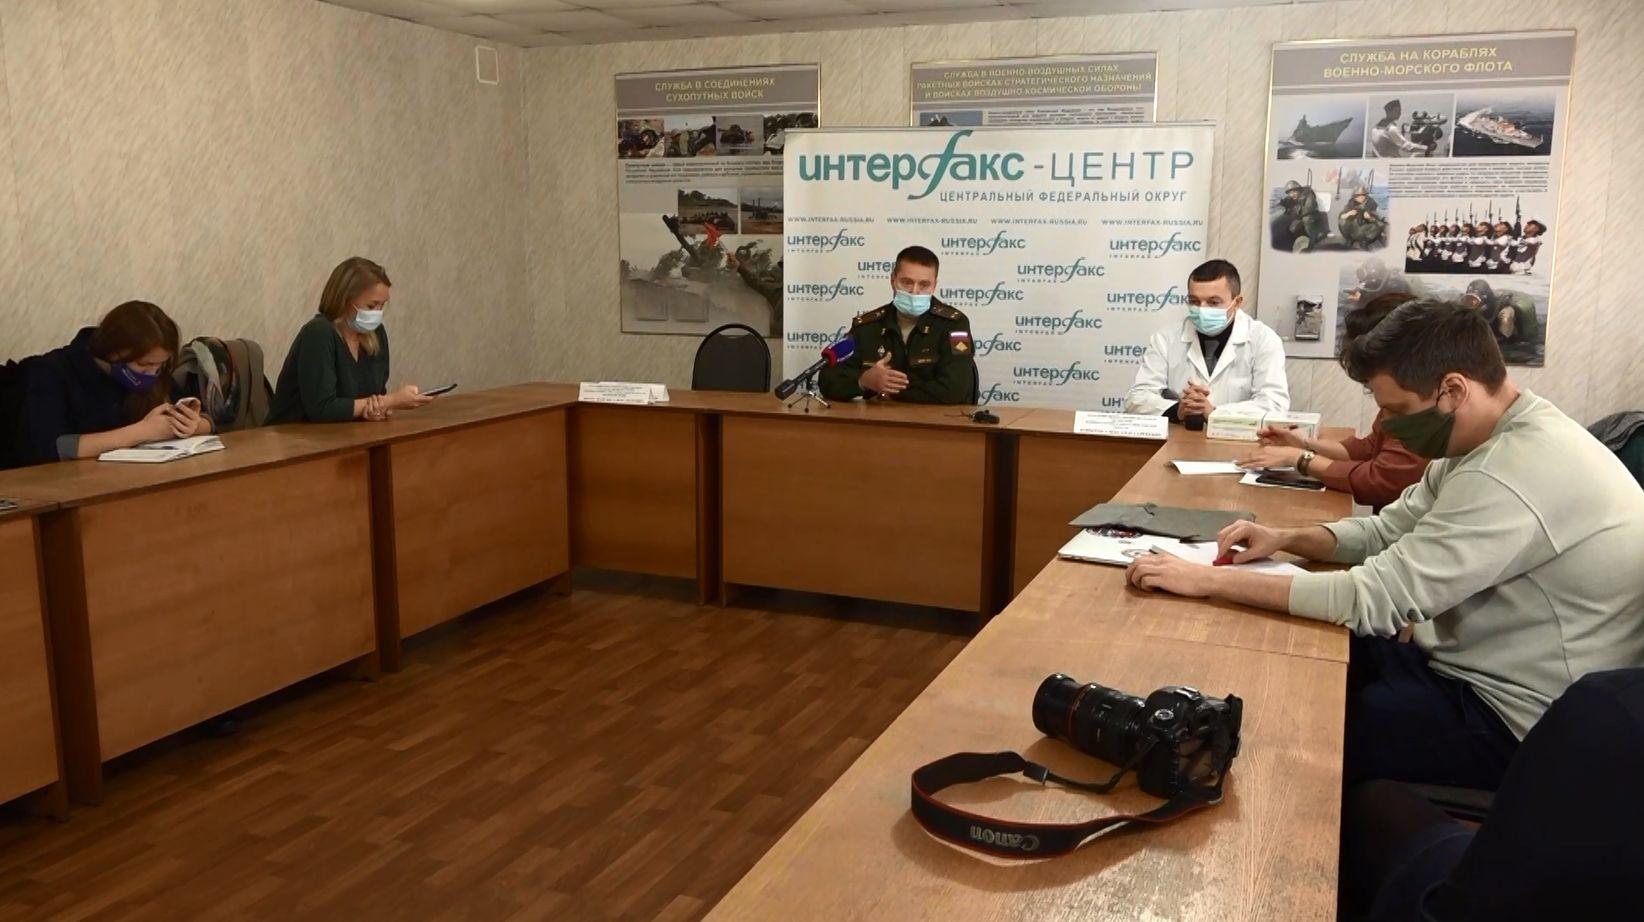 В Ярославской области в активную стадию входит осенняя призывная кампания